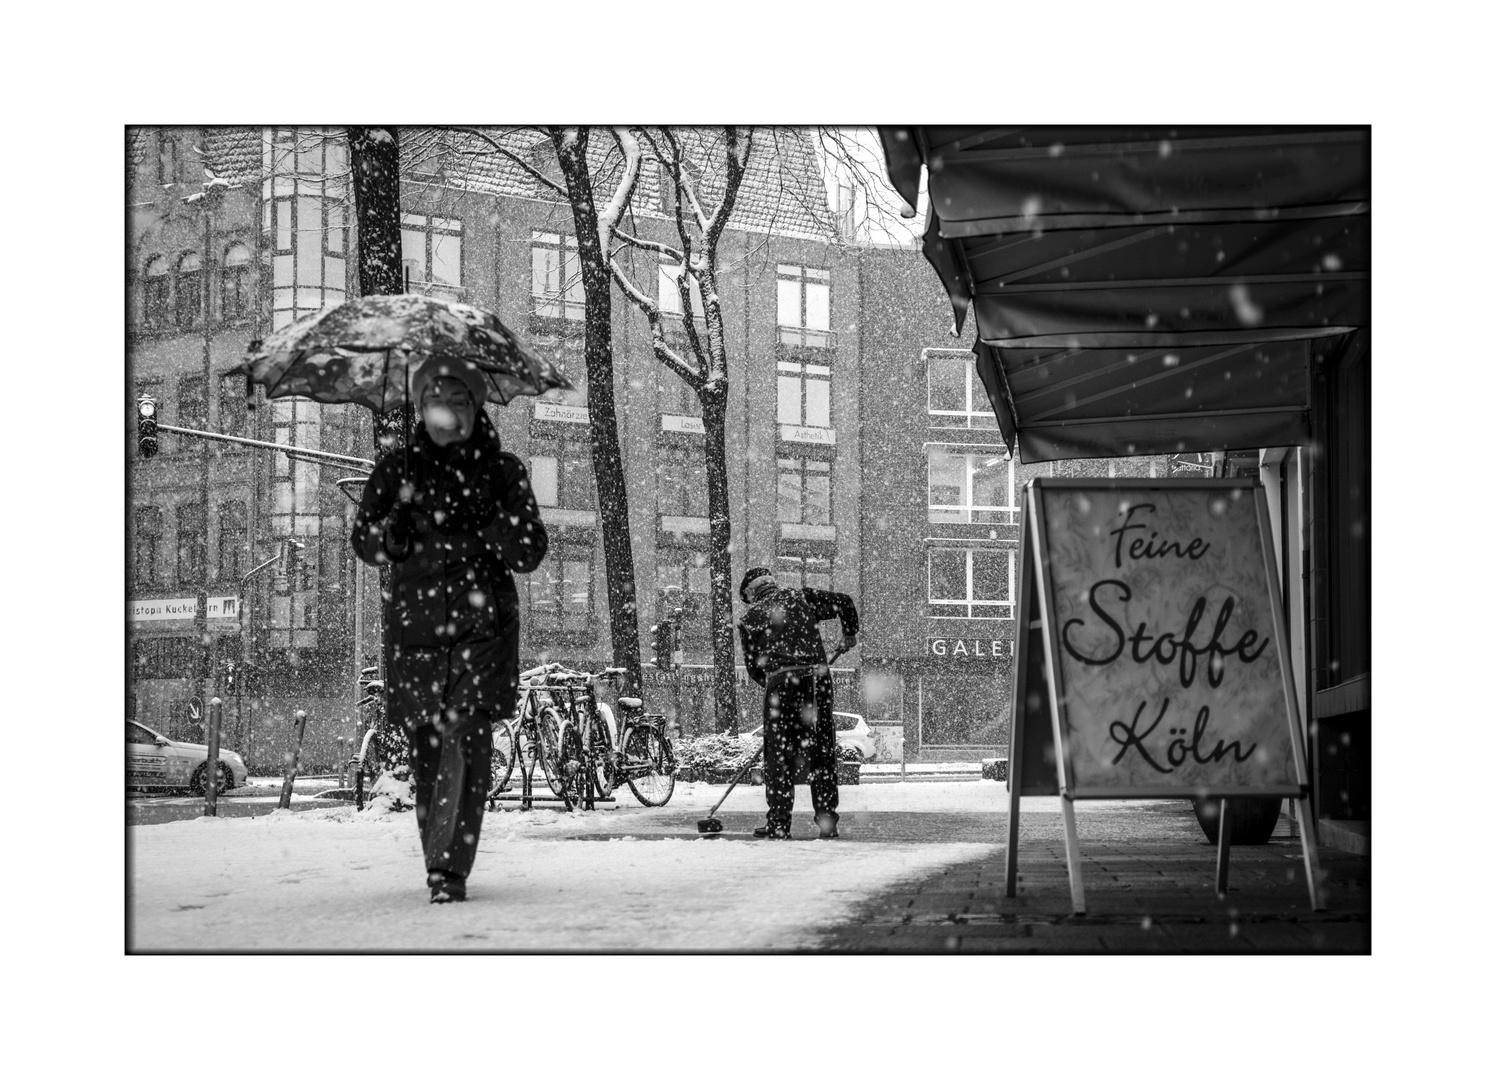 Feine Stoffe Köln Foto Bild Erwachsene Zwei Menschen Mehrere